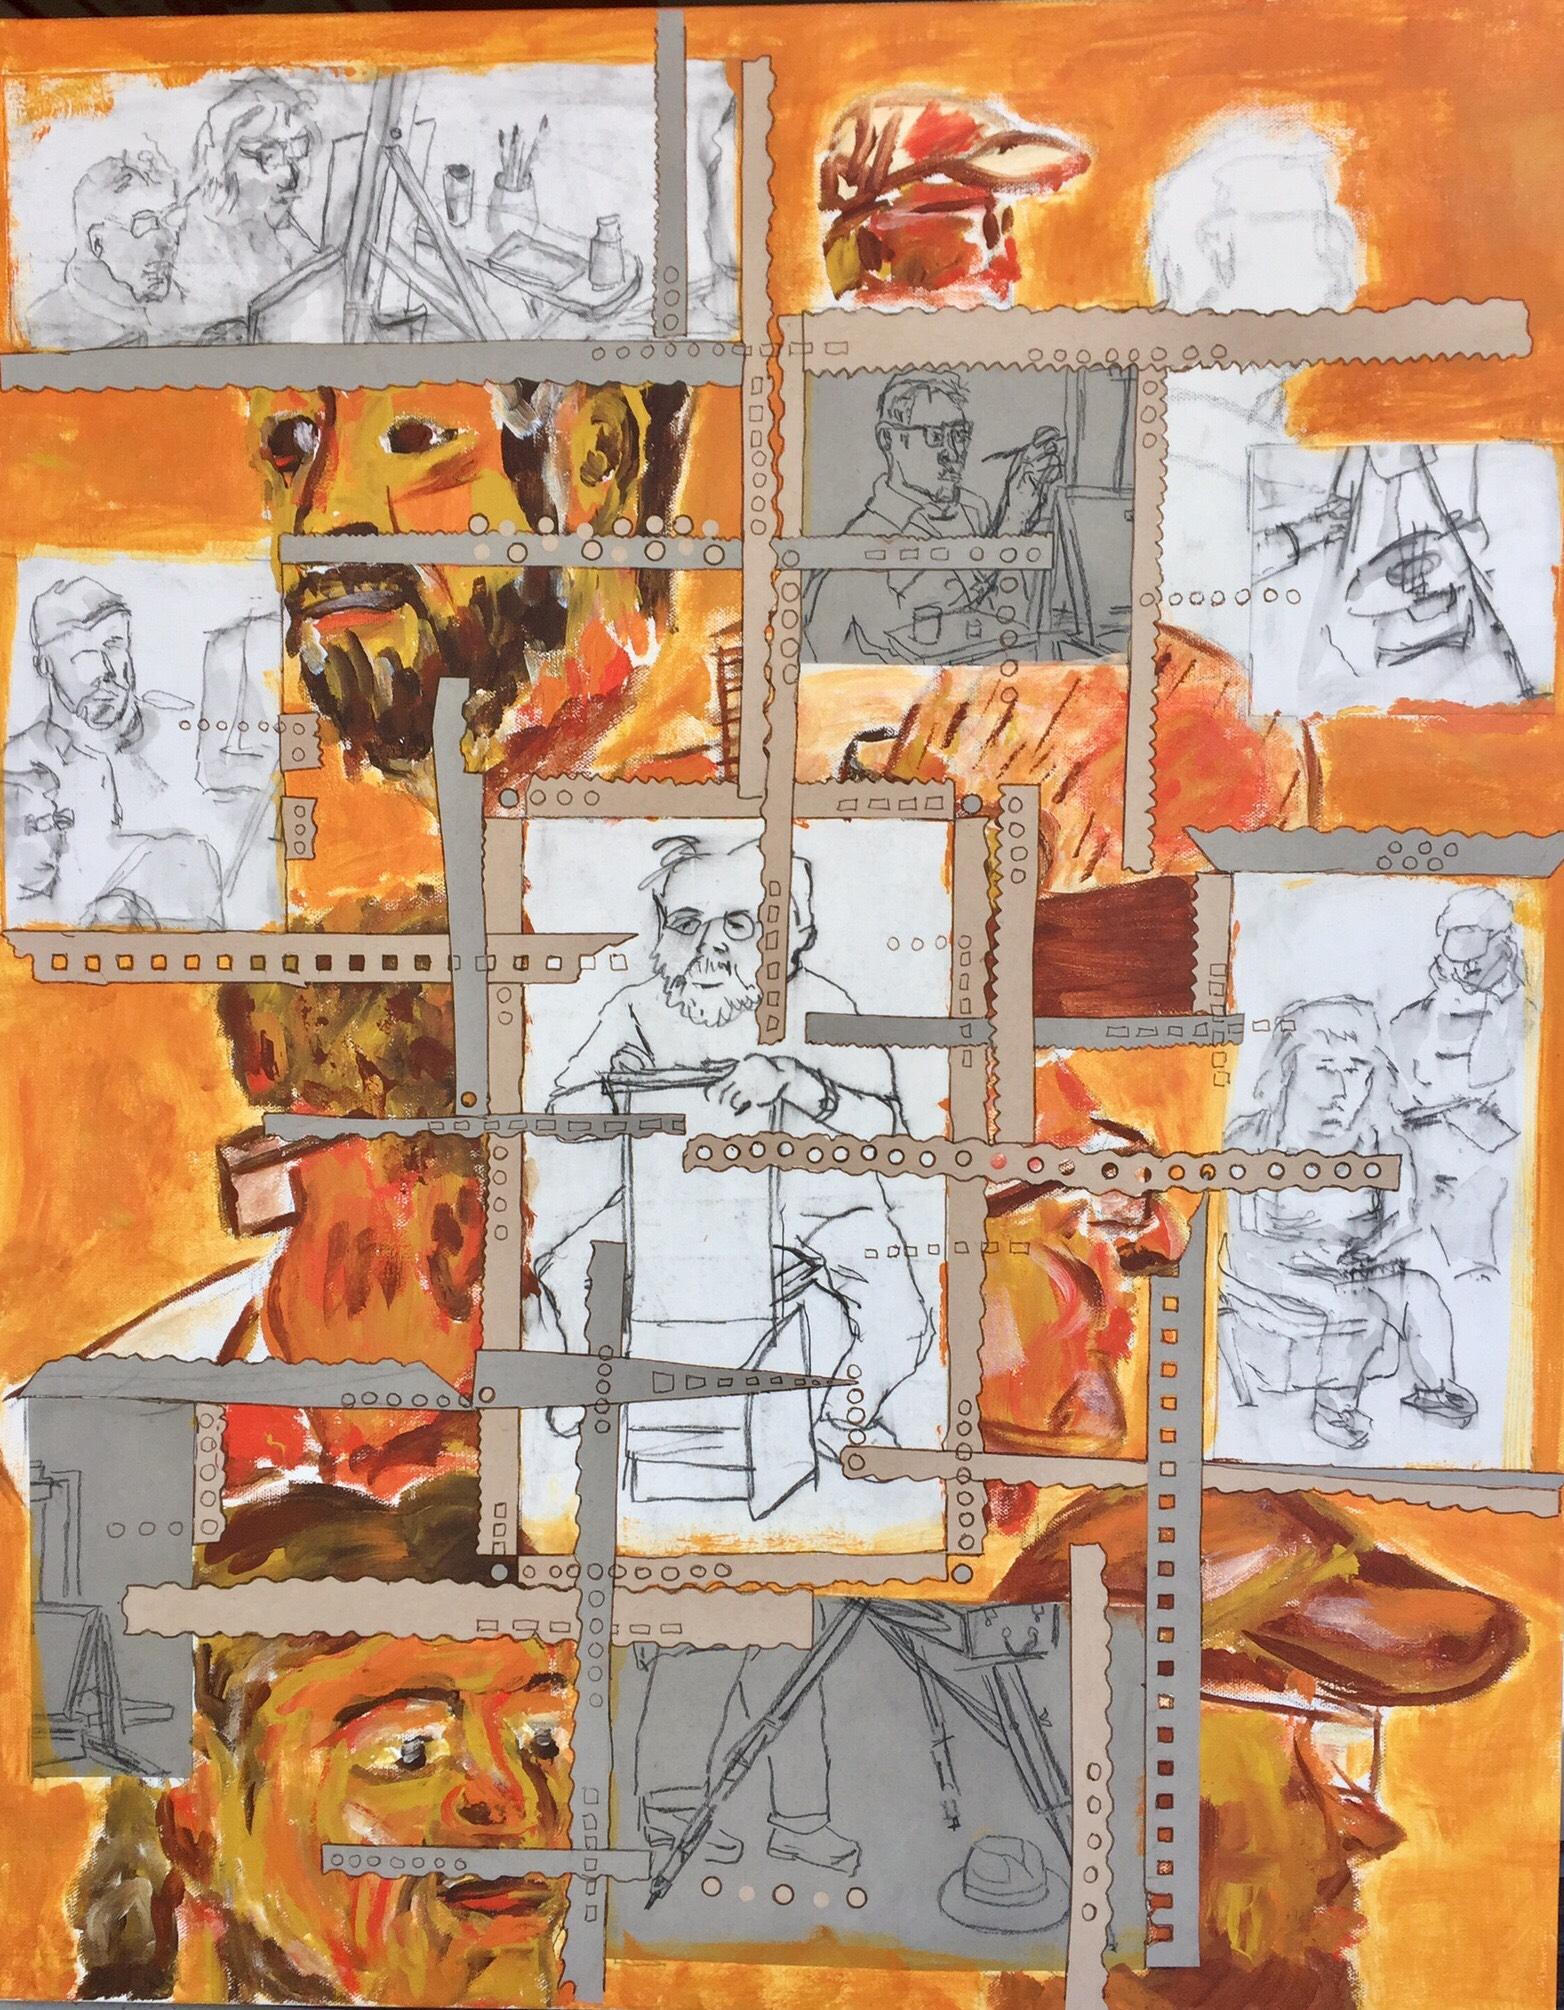 Geoffrey Levitt